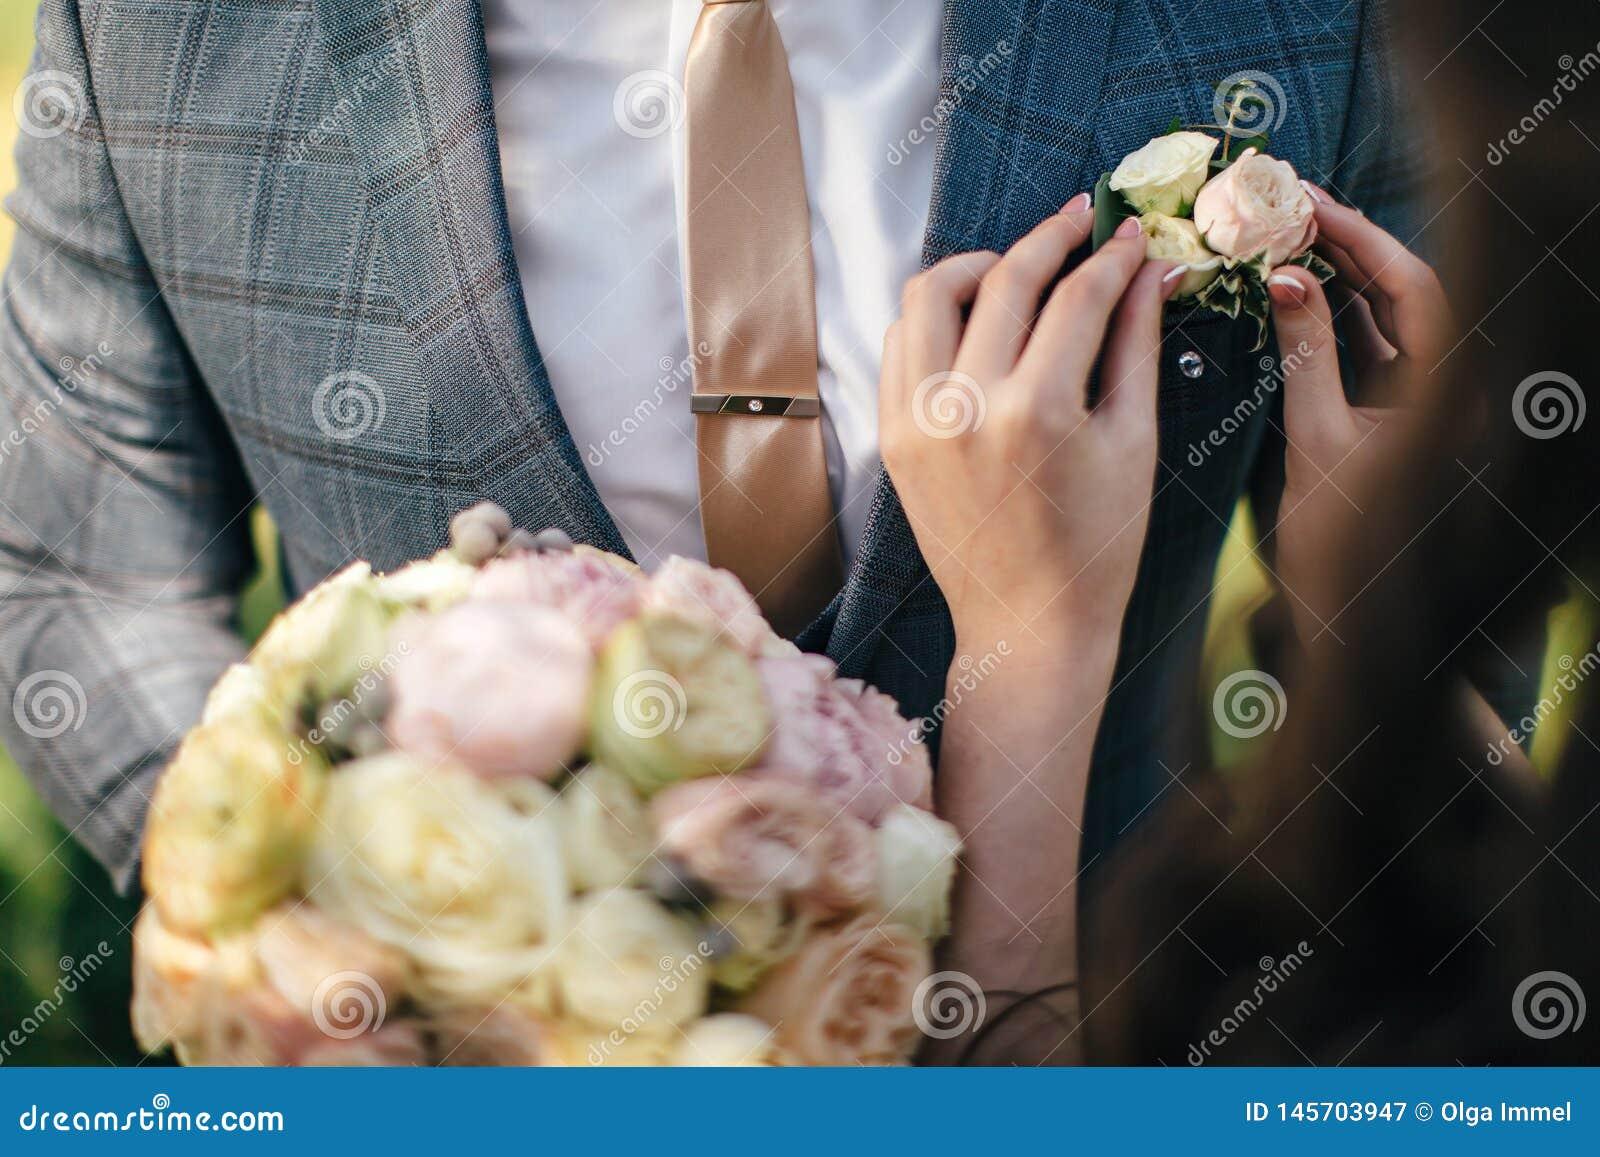 Unsere sch?ne Hochzeit